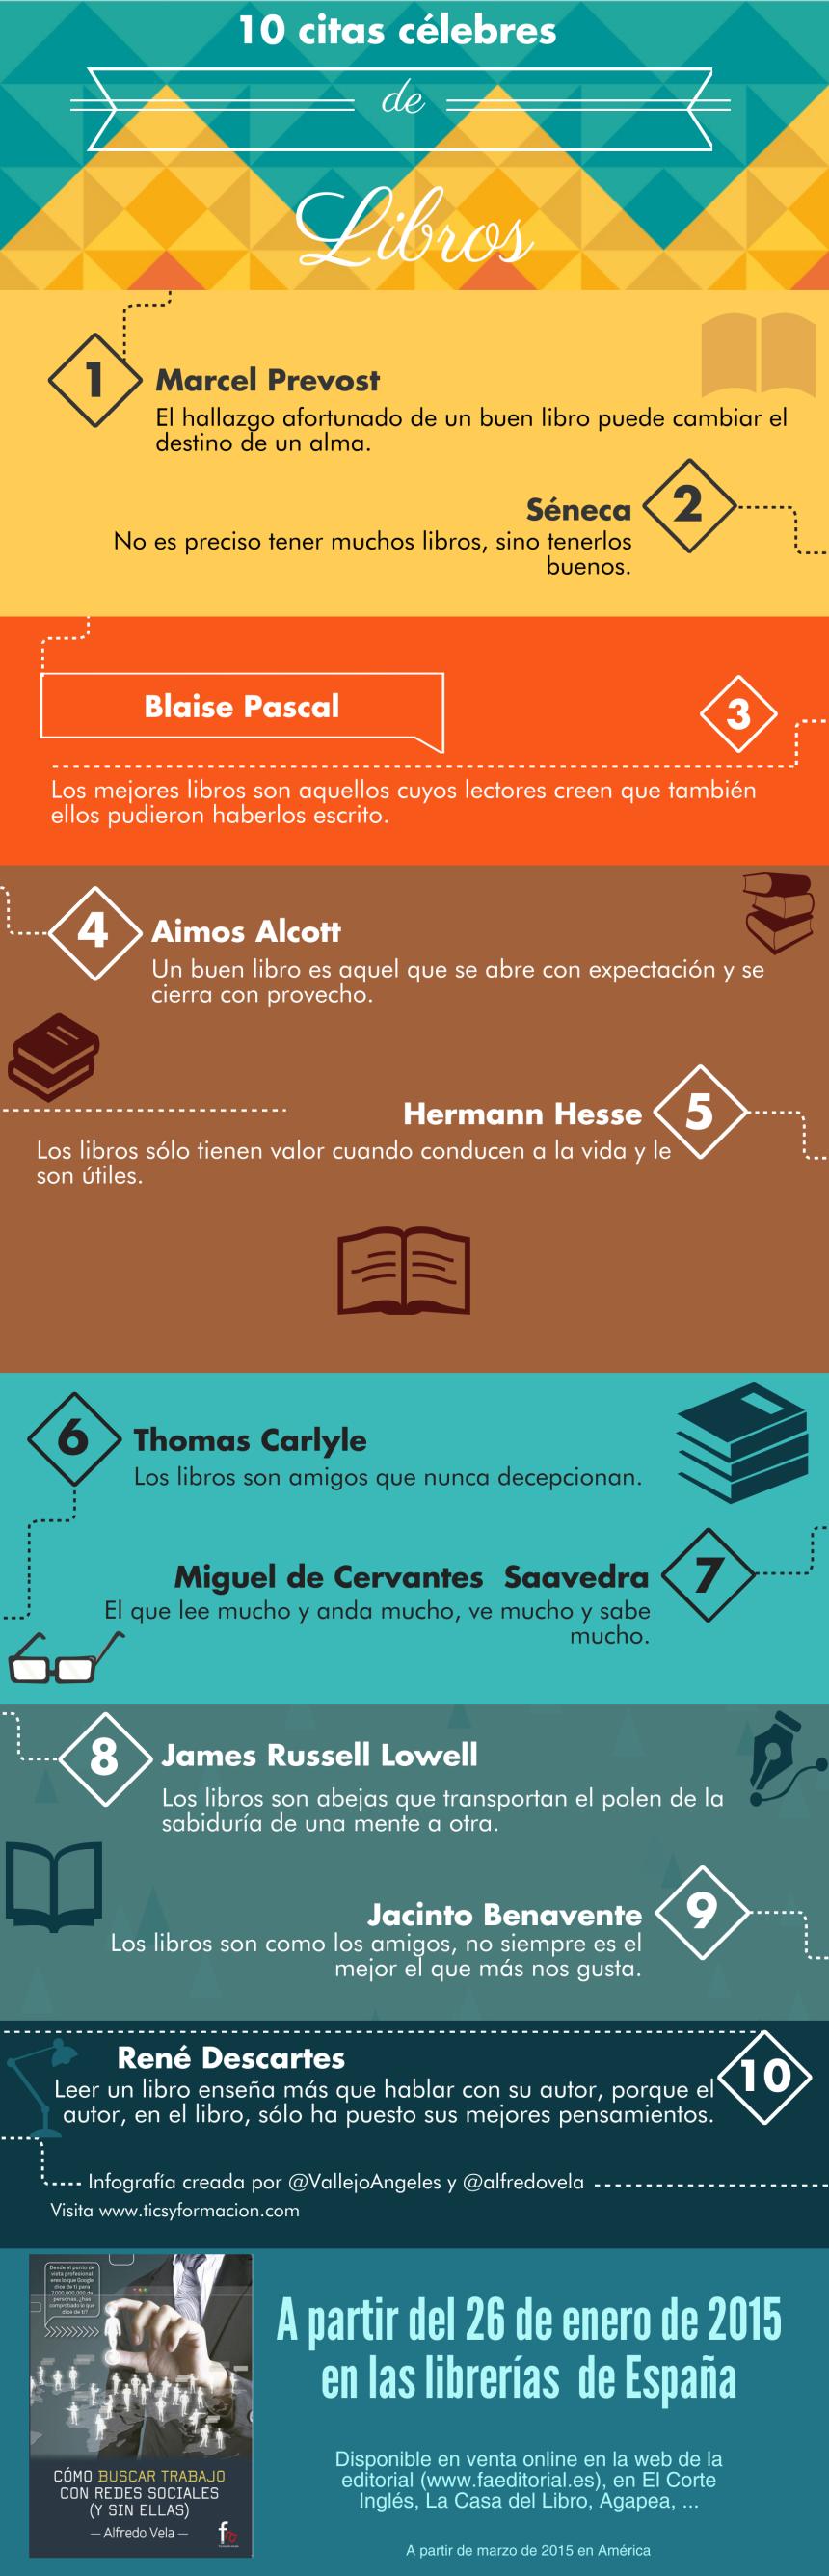 10 citas célebres sobre los libros